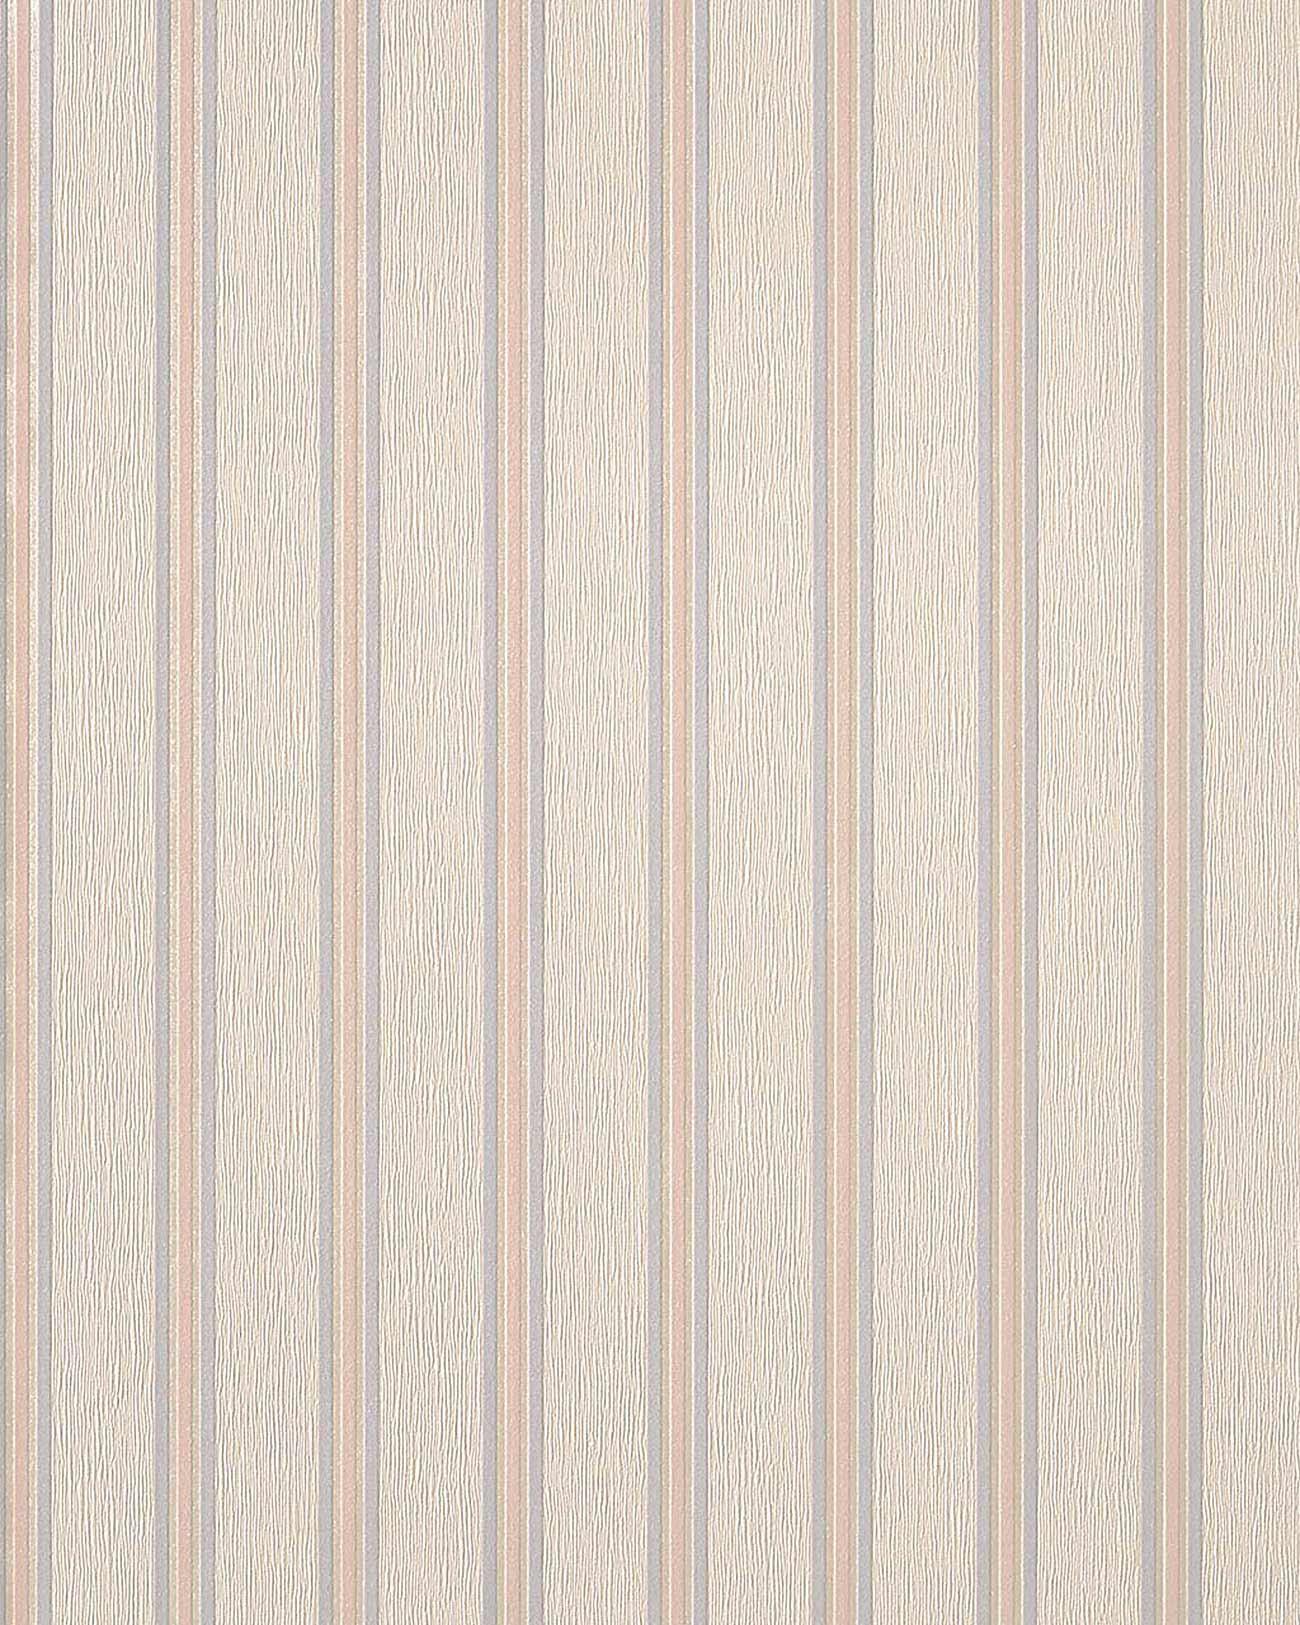 Carta da parati a strisce in beige rosa viola chiaro edem for Carta da parati beige